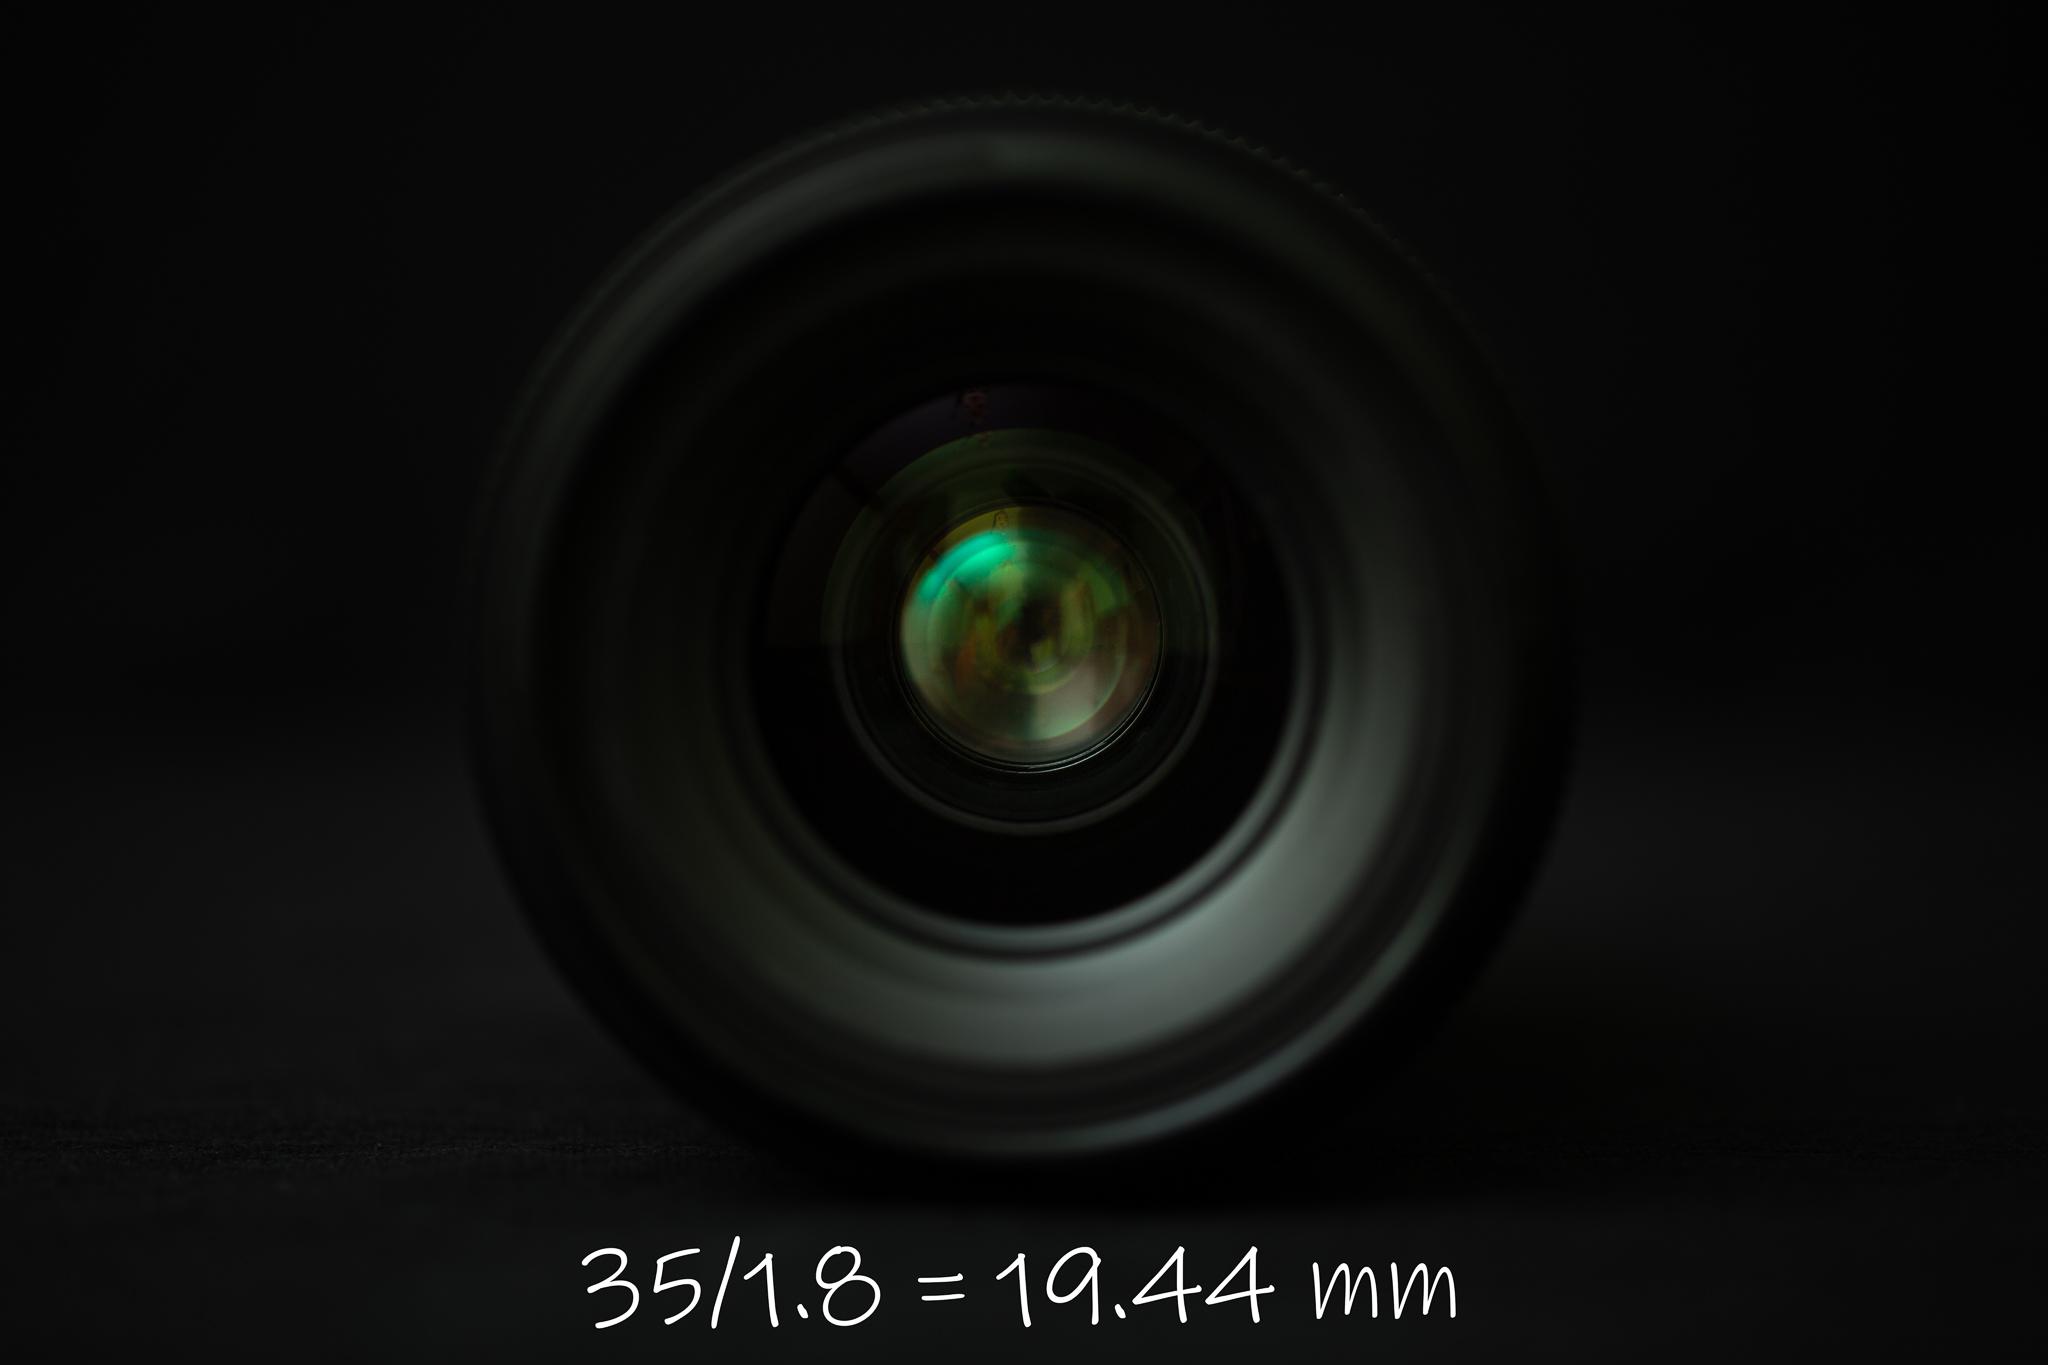 002A0610-Modifier.jpg